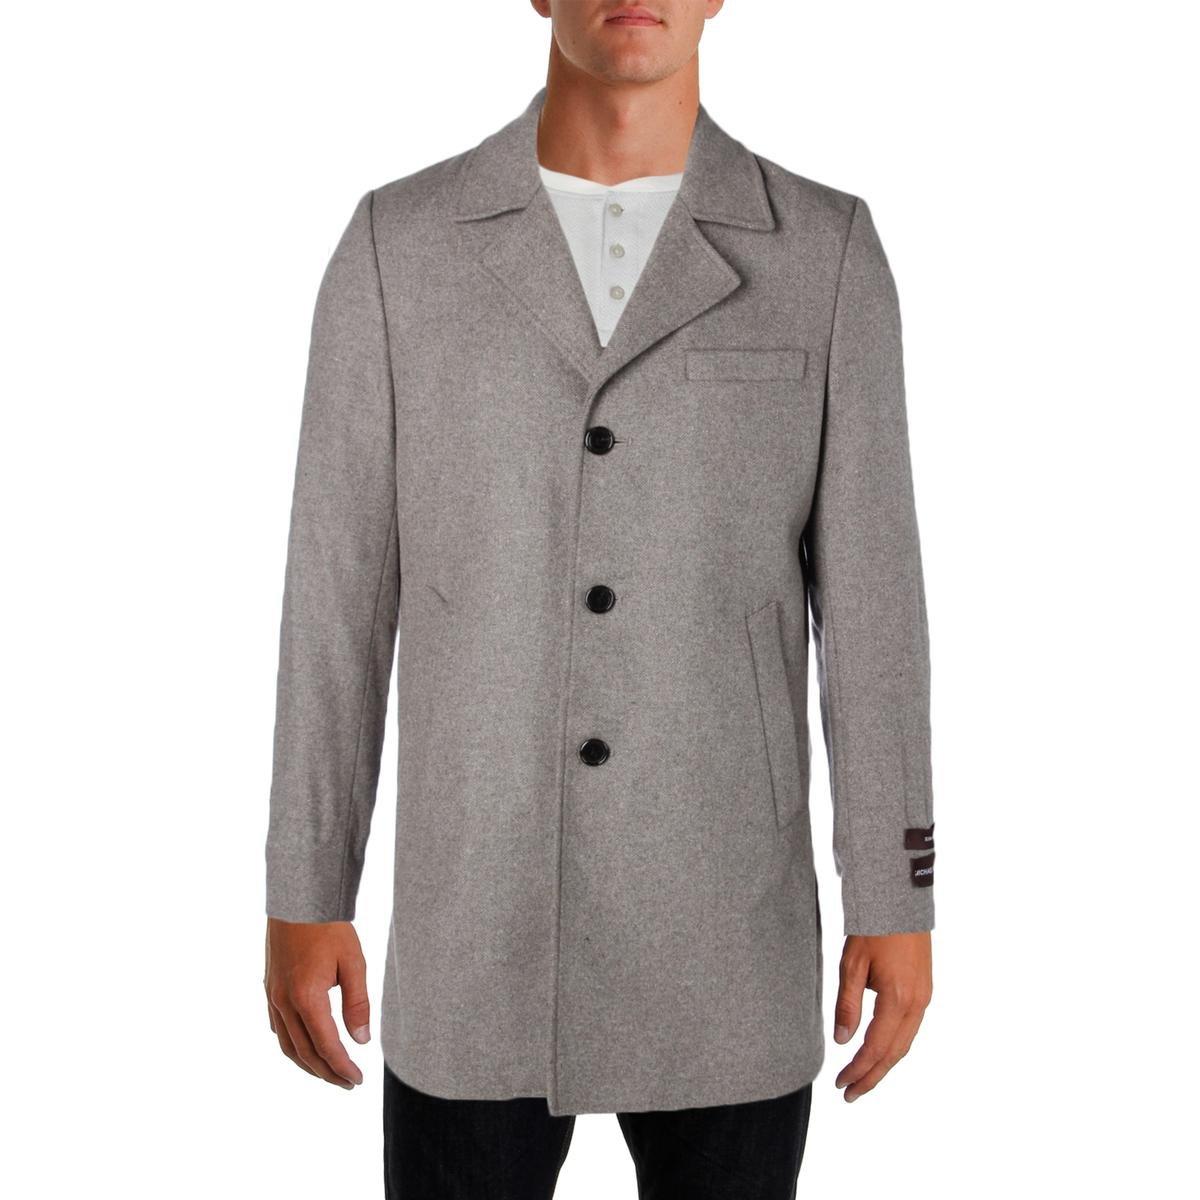 Michael Kors Mens Wool Signature Top Coat Taupe 46R